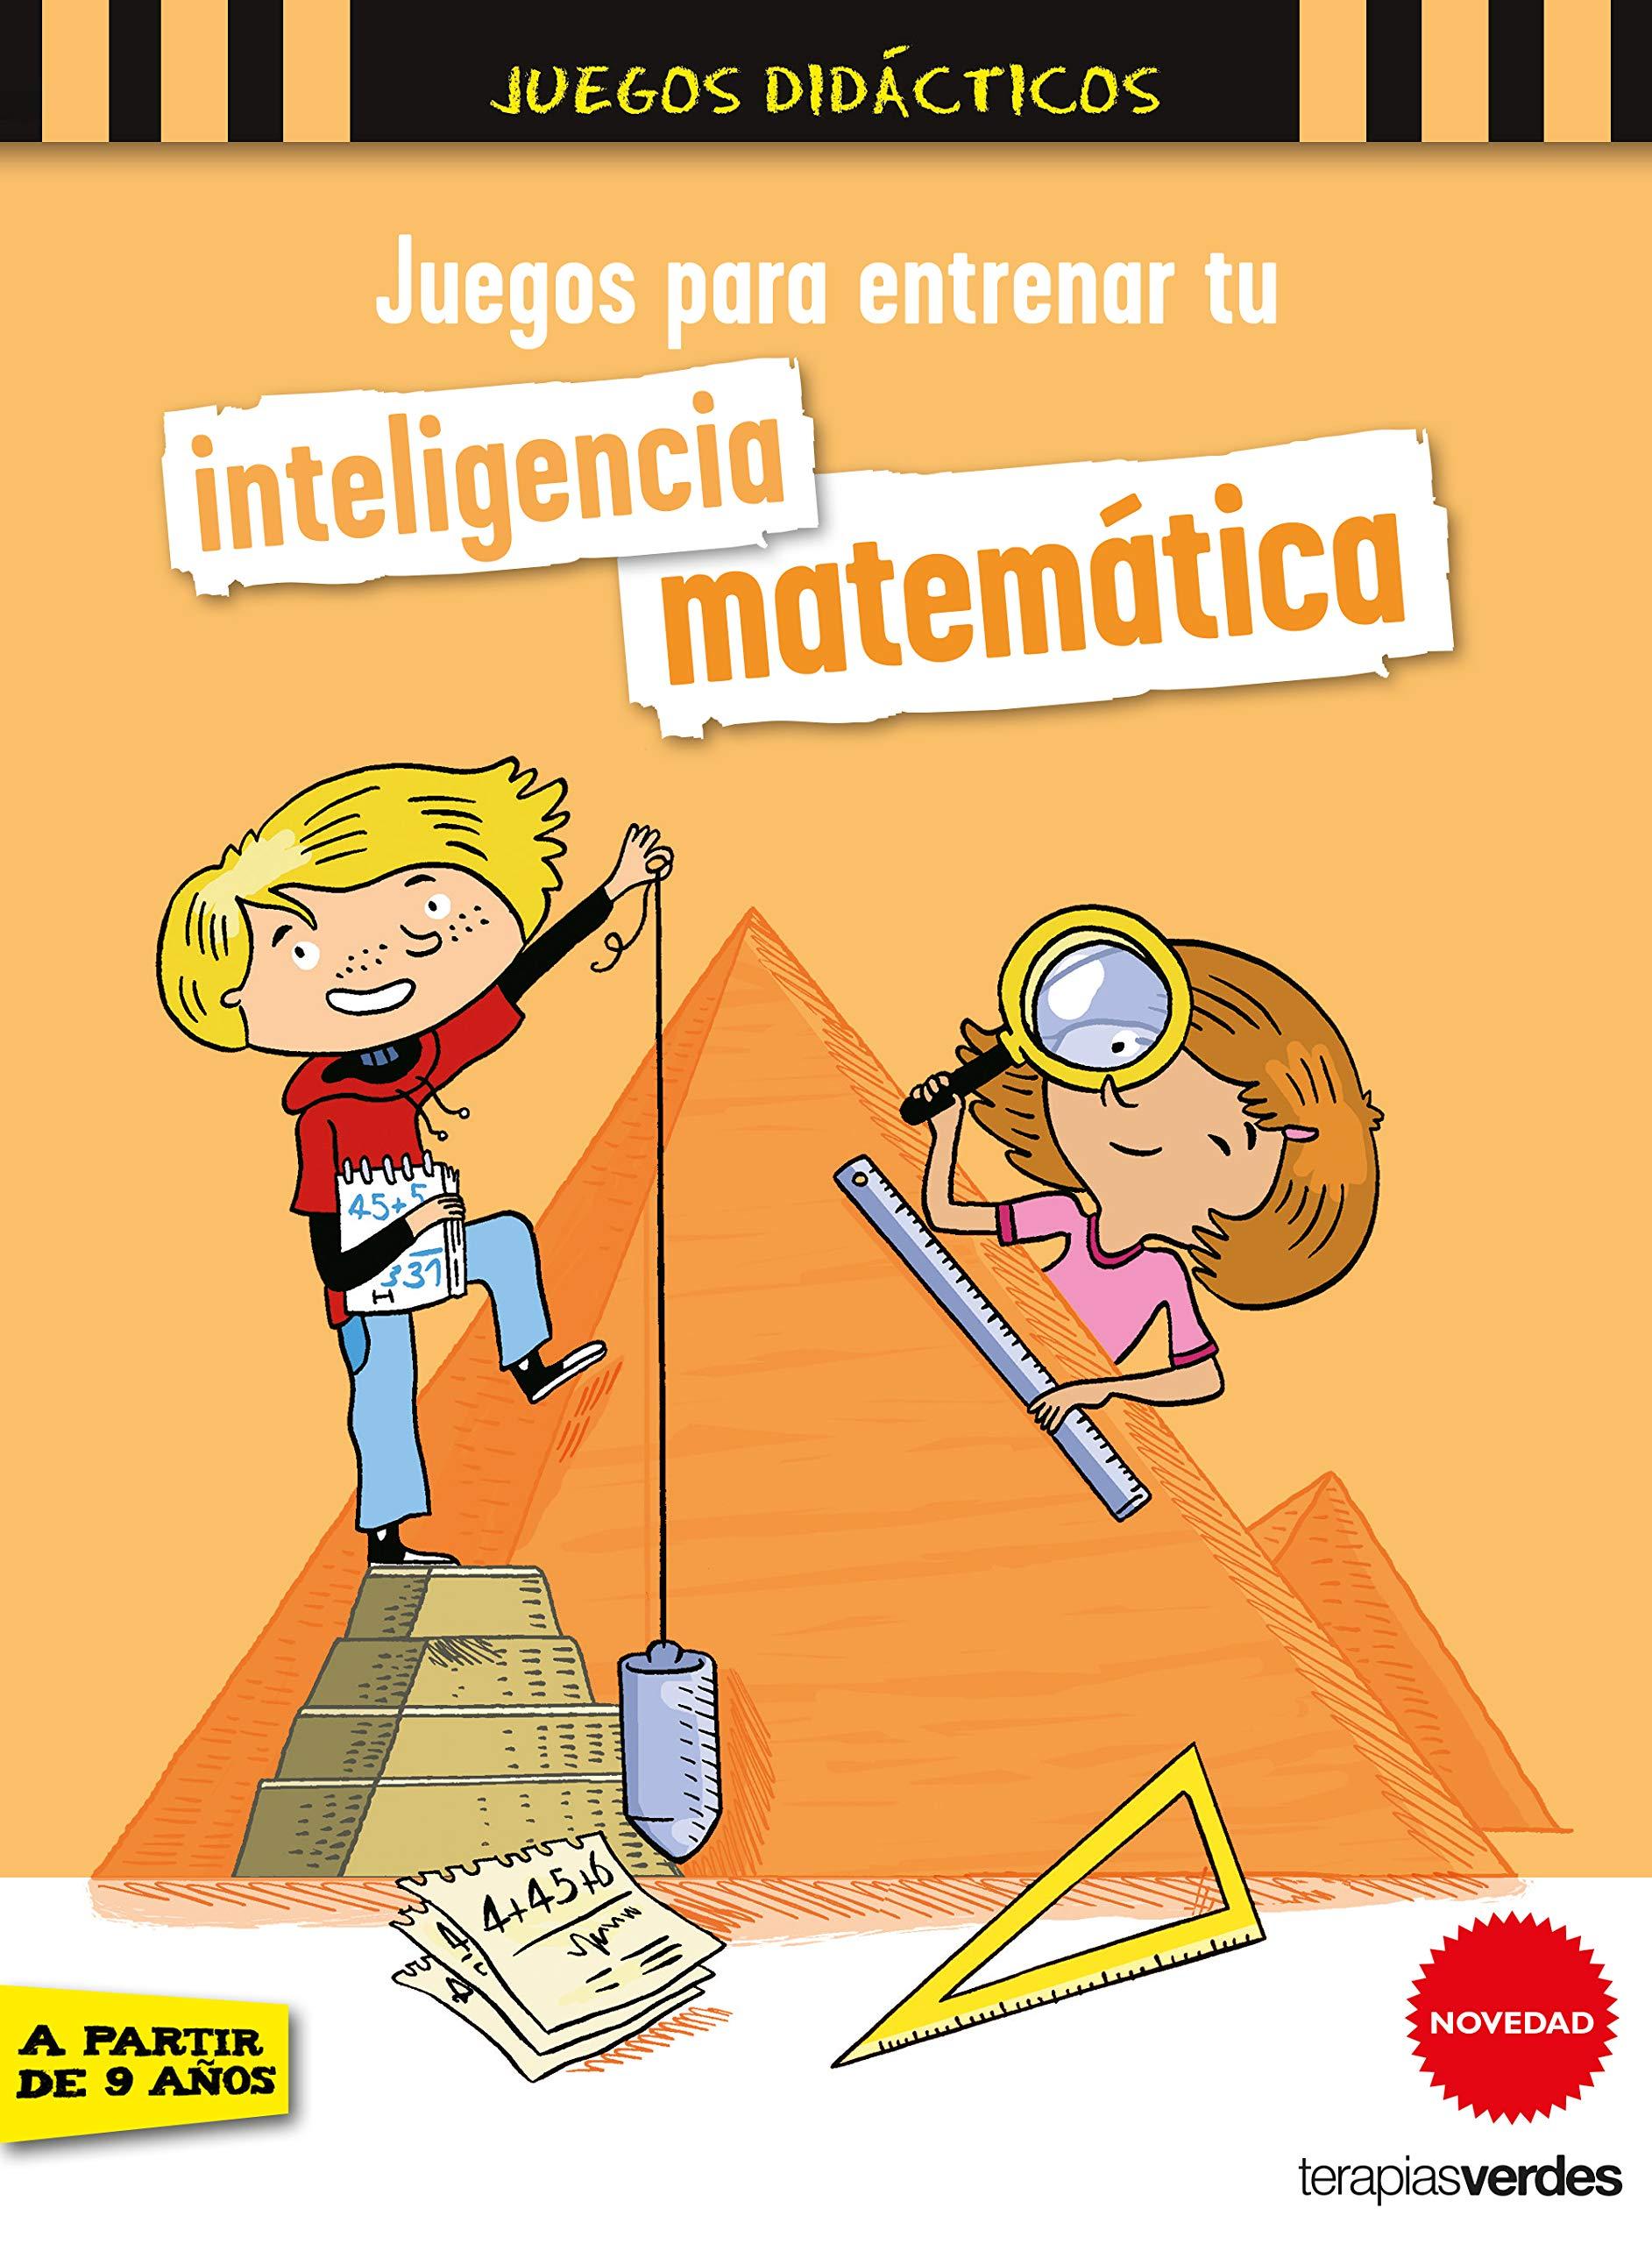 JUEGOS ENTRENAR INTELIGENCIA MATEMATICA Terapias Juegos Didácticos:  Amazon.es: CHRISTIAN LAMBLIN, Nuria Viver Barri: Libros